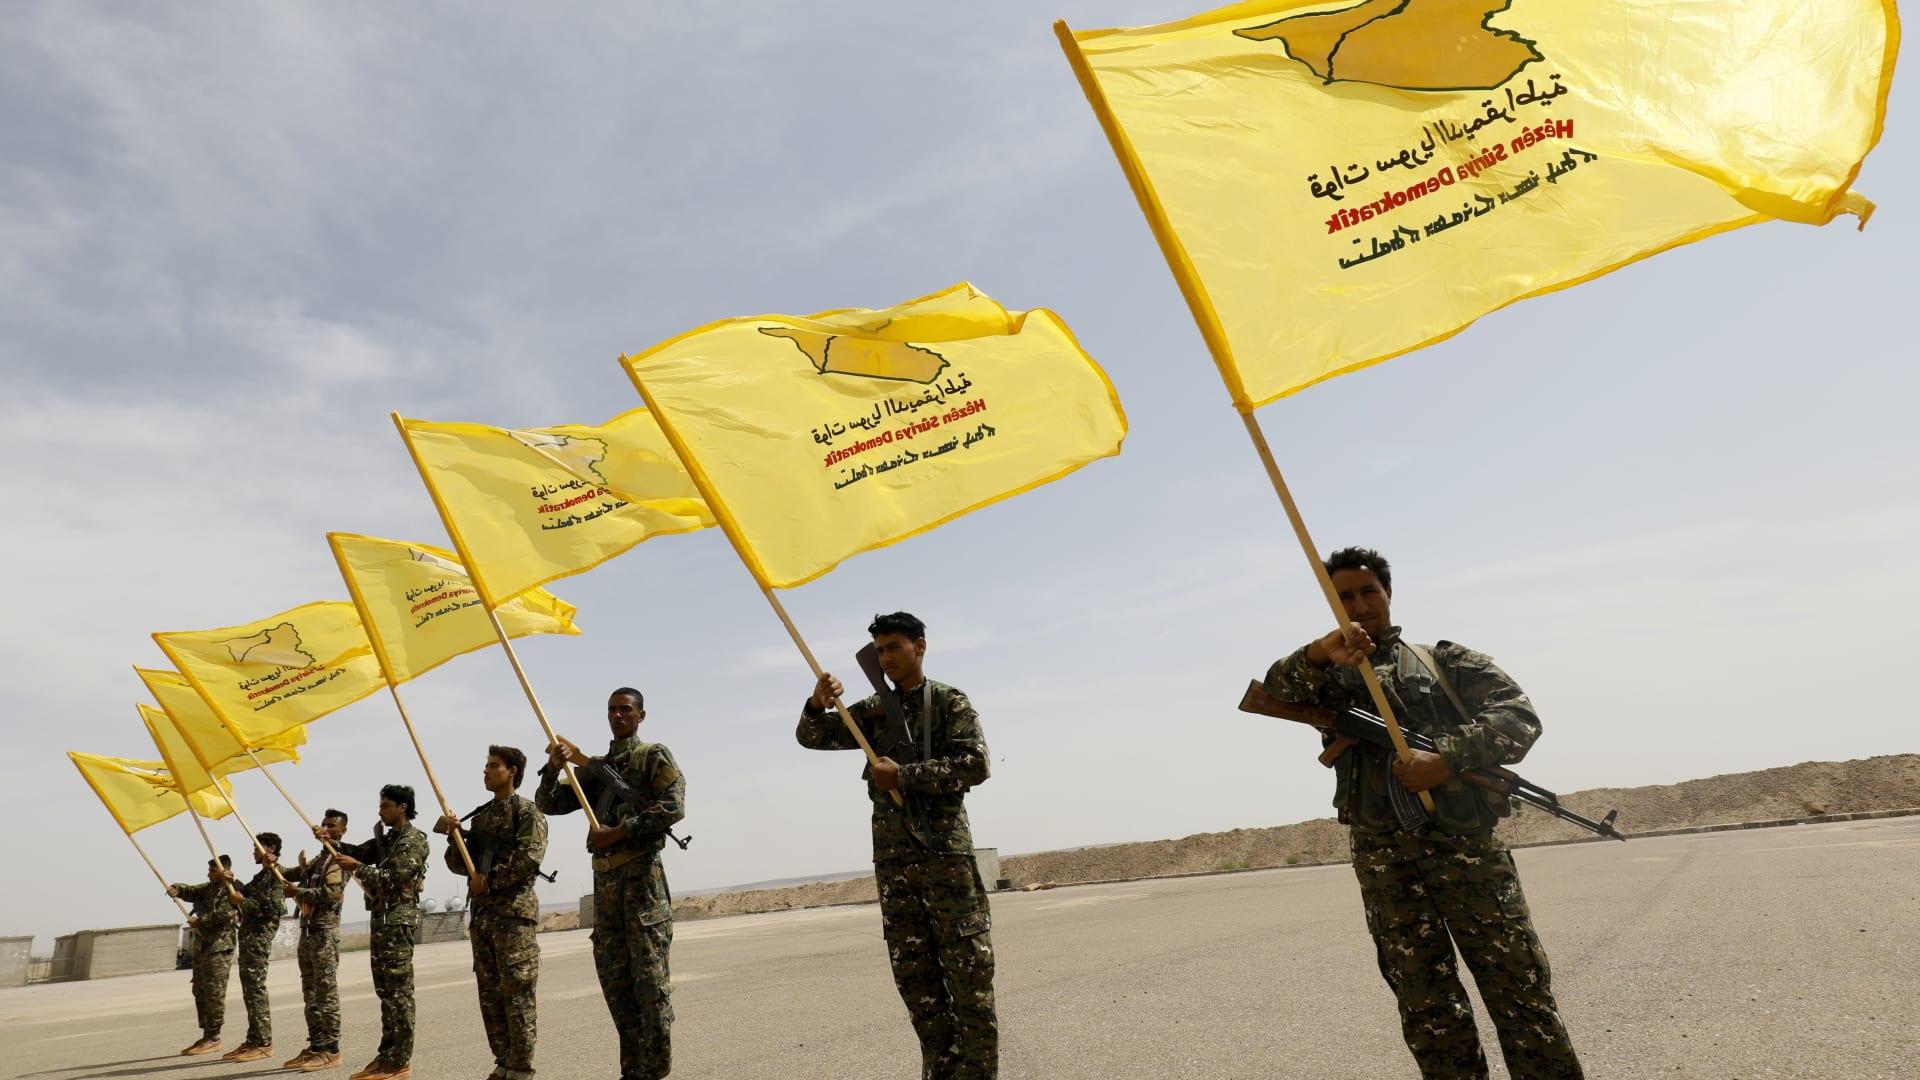 قوات سوريا الديمقراطية تعلن تحرير الرقة رسمياً